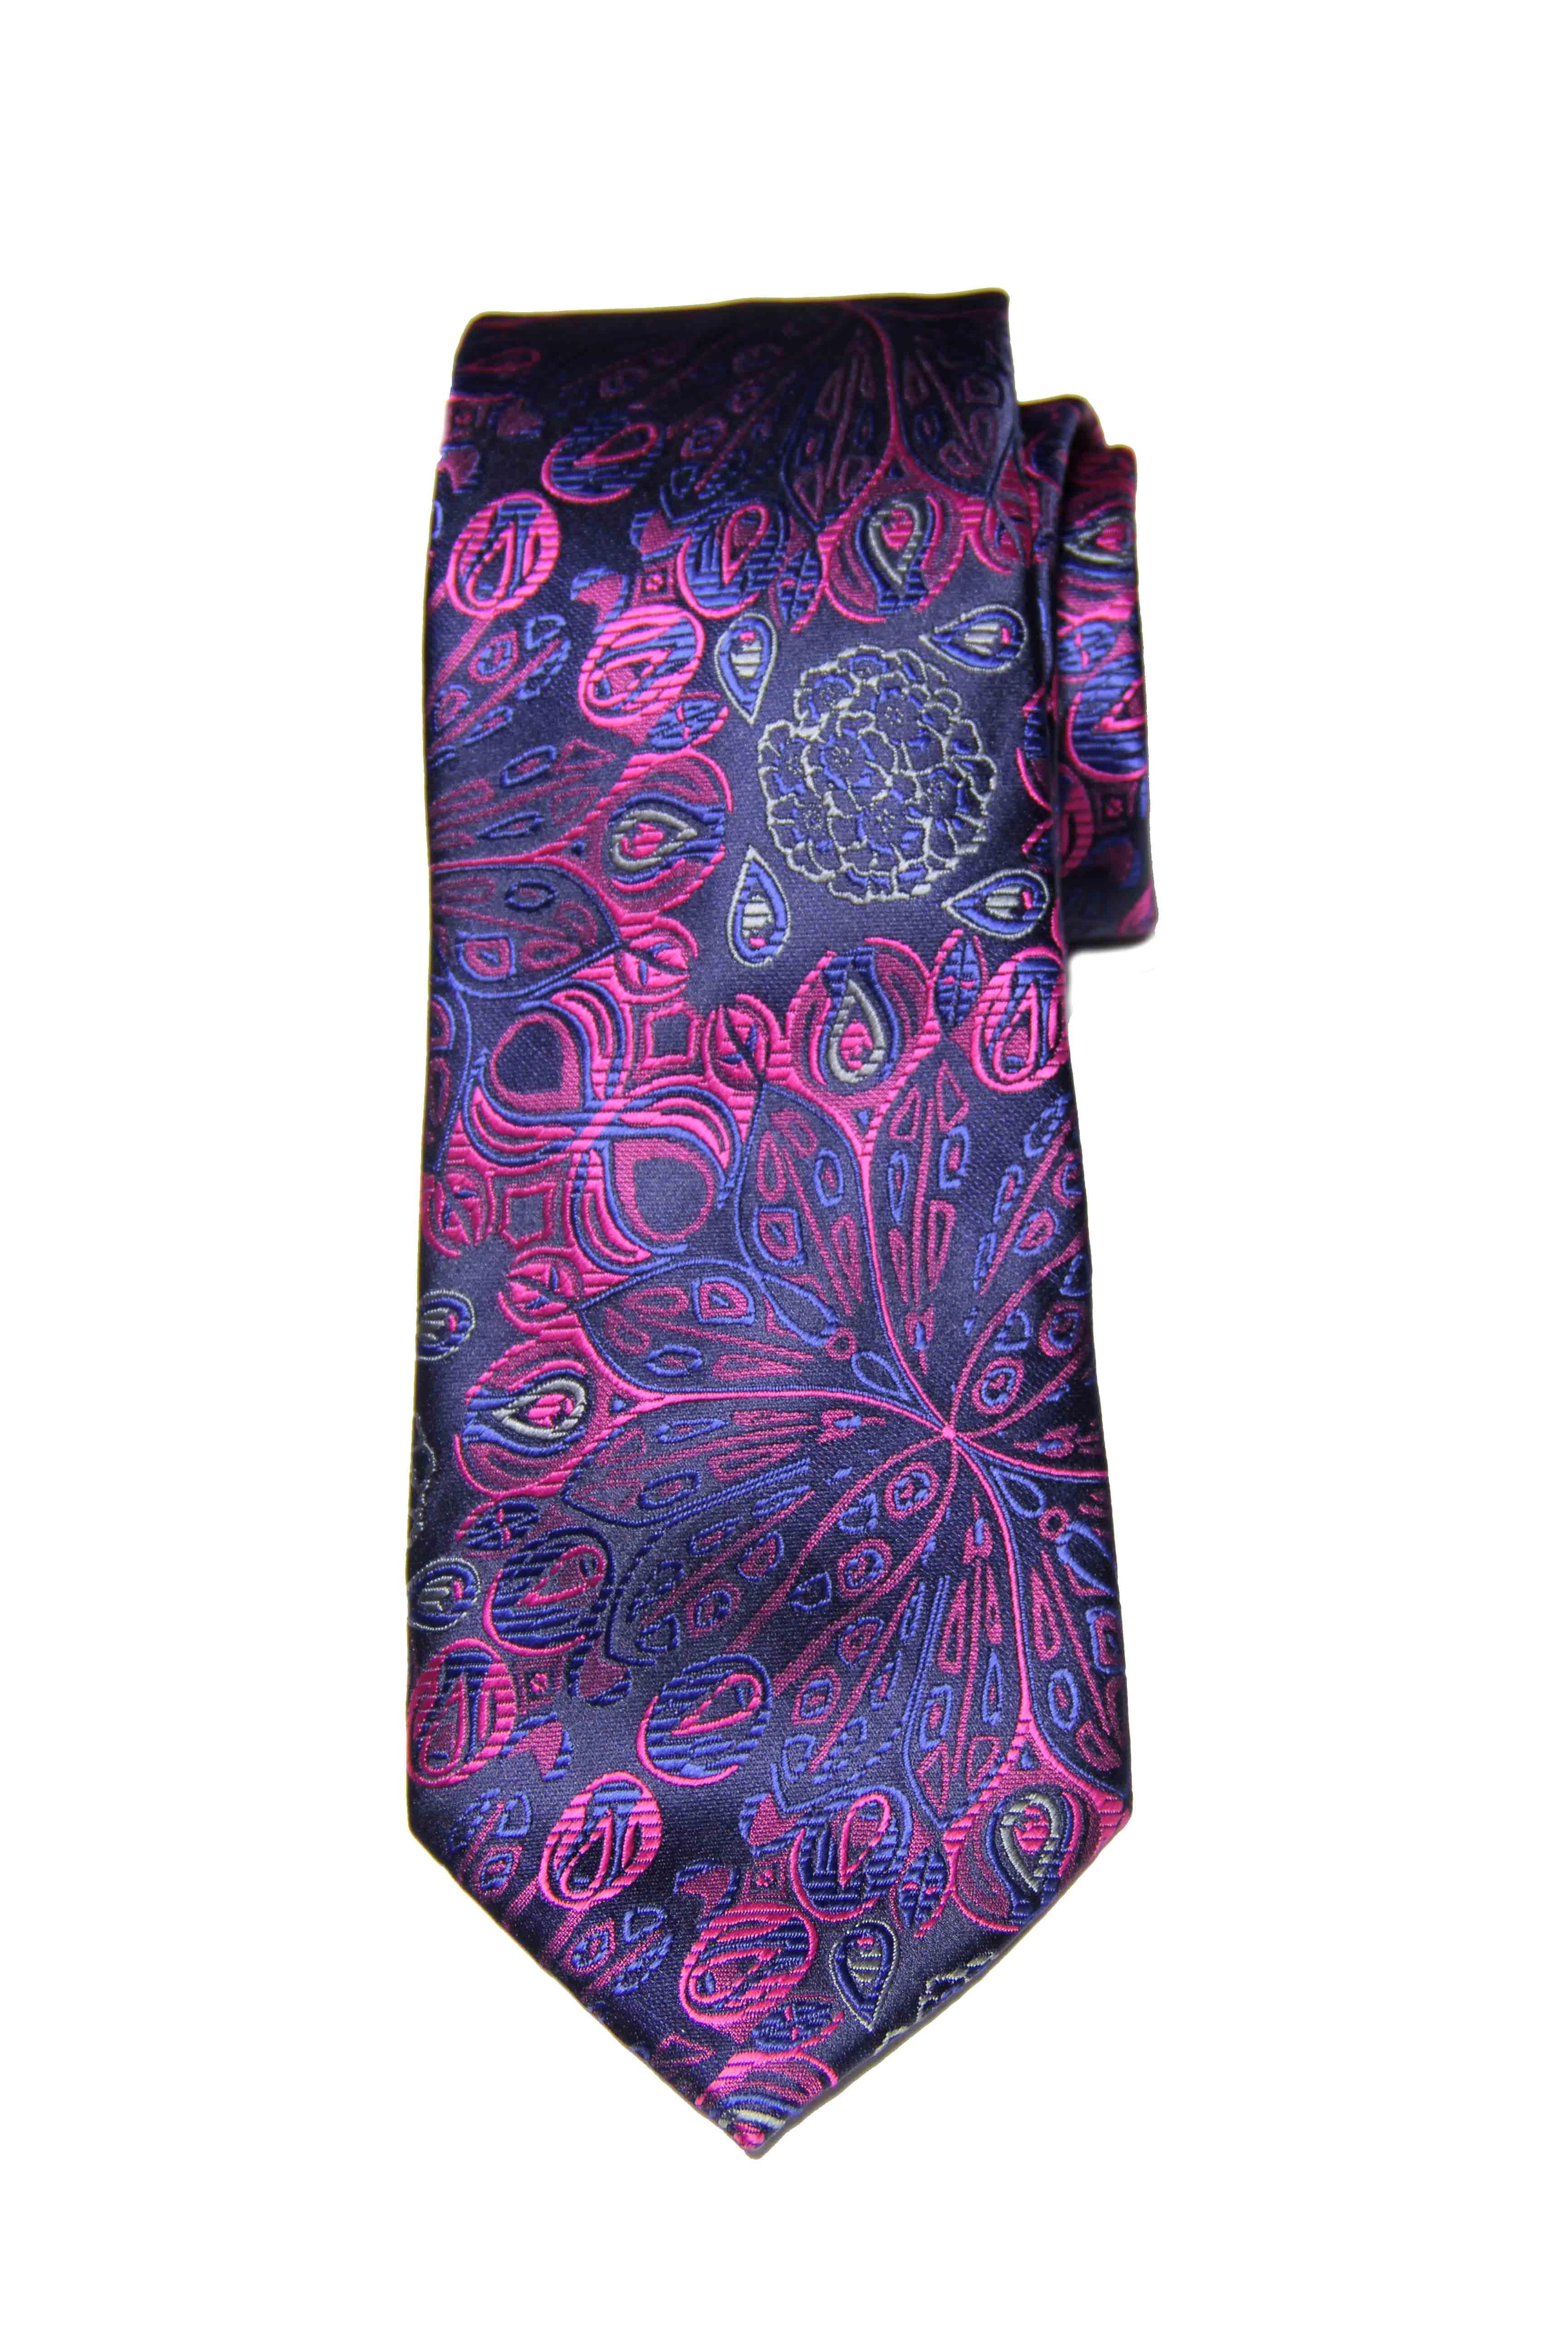 Gascoigne Silk Jacquard Tie Floral Purple Blue Black Men's